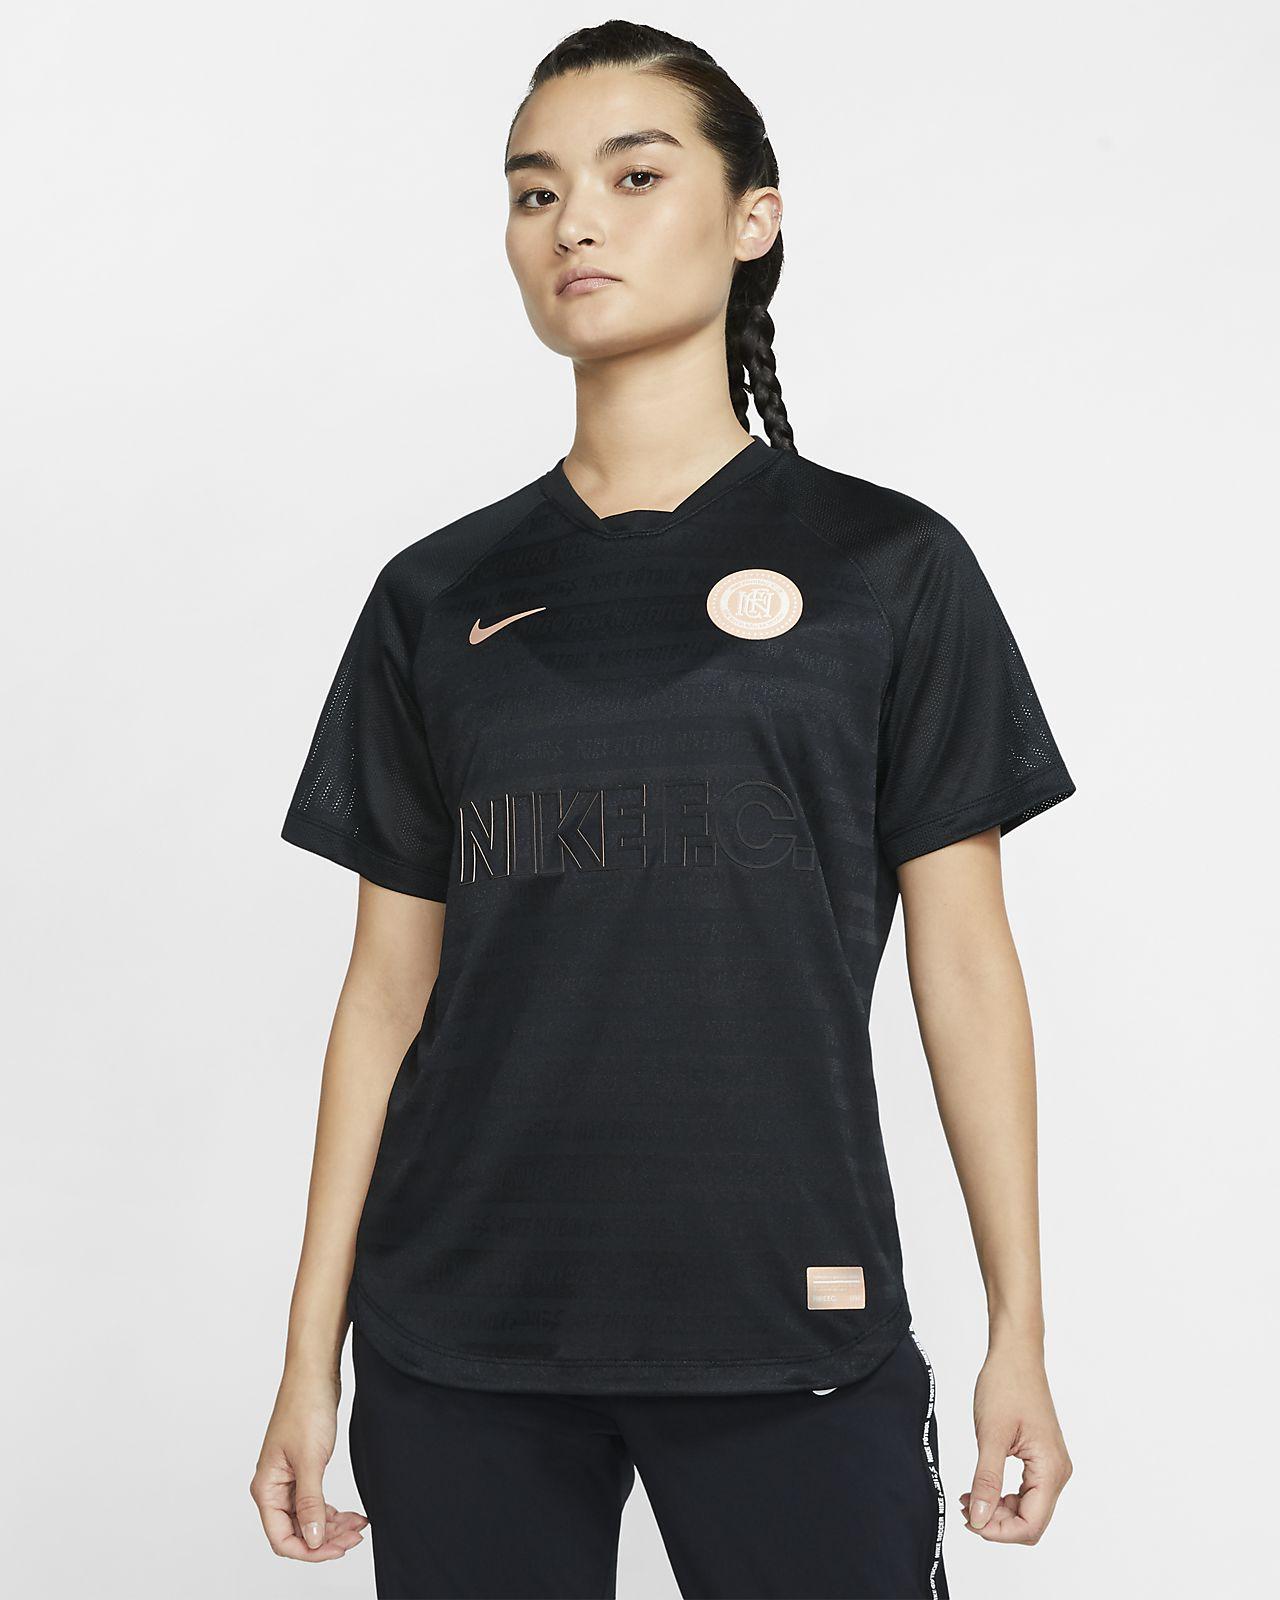 Damska koszulka piłkarska Nike F.C. Dri-FIT